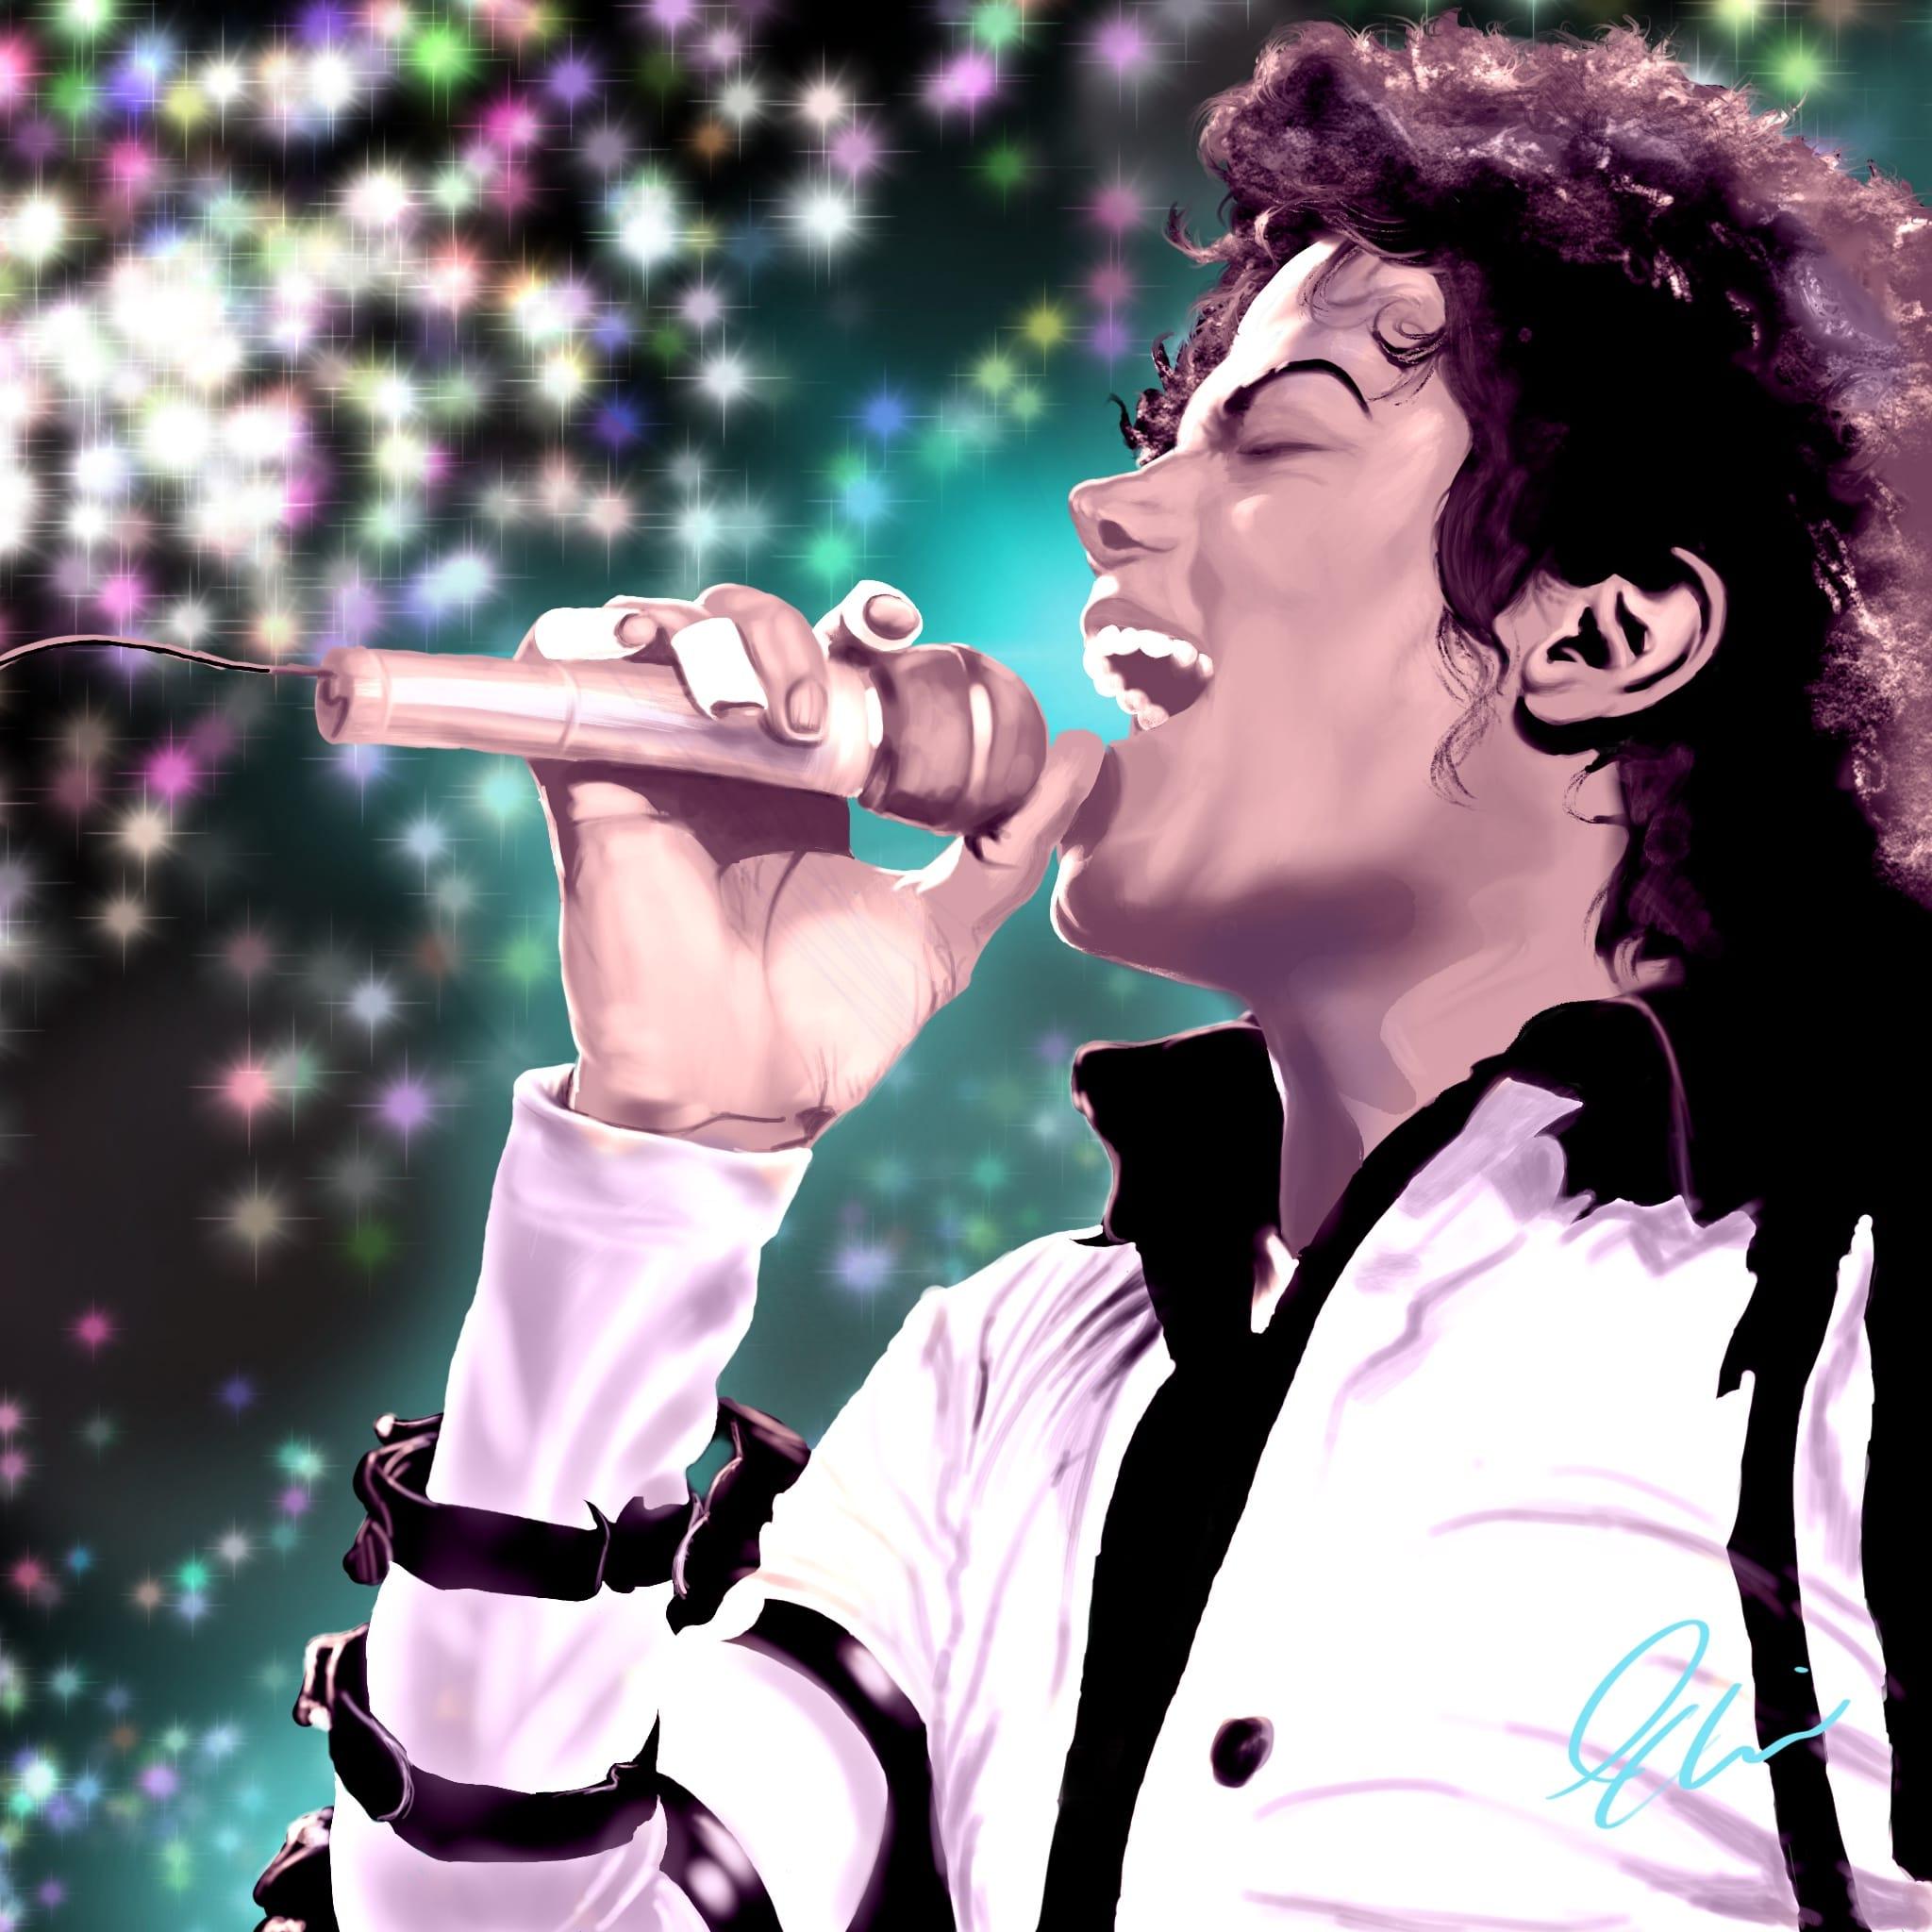 Michael Jackson: Dirty Diana Procreate Painting Tutorial